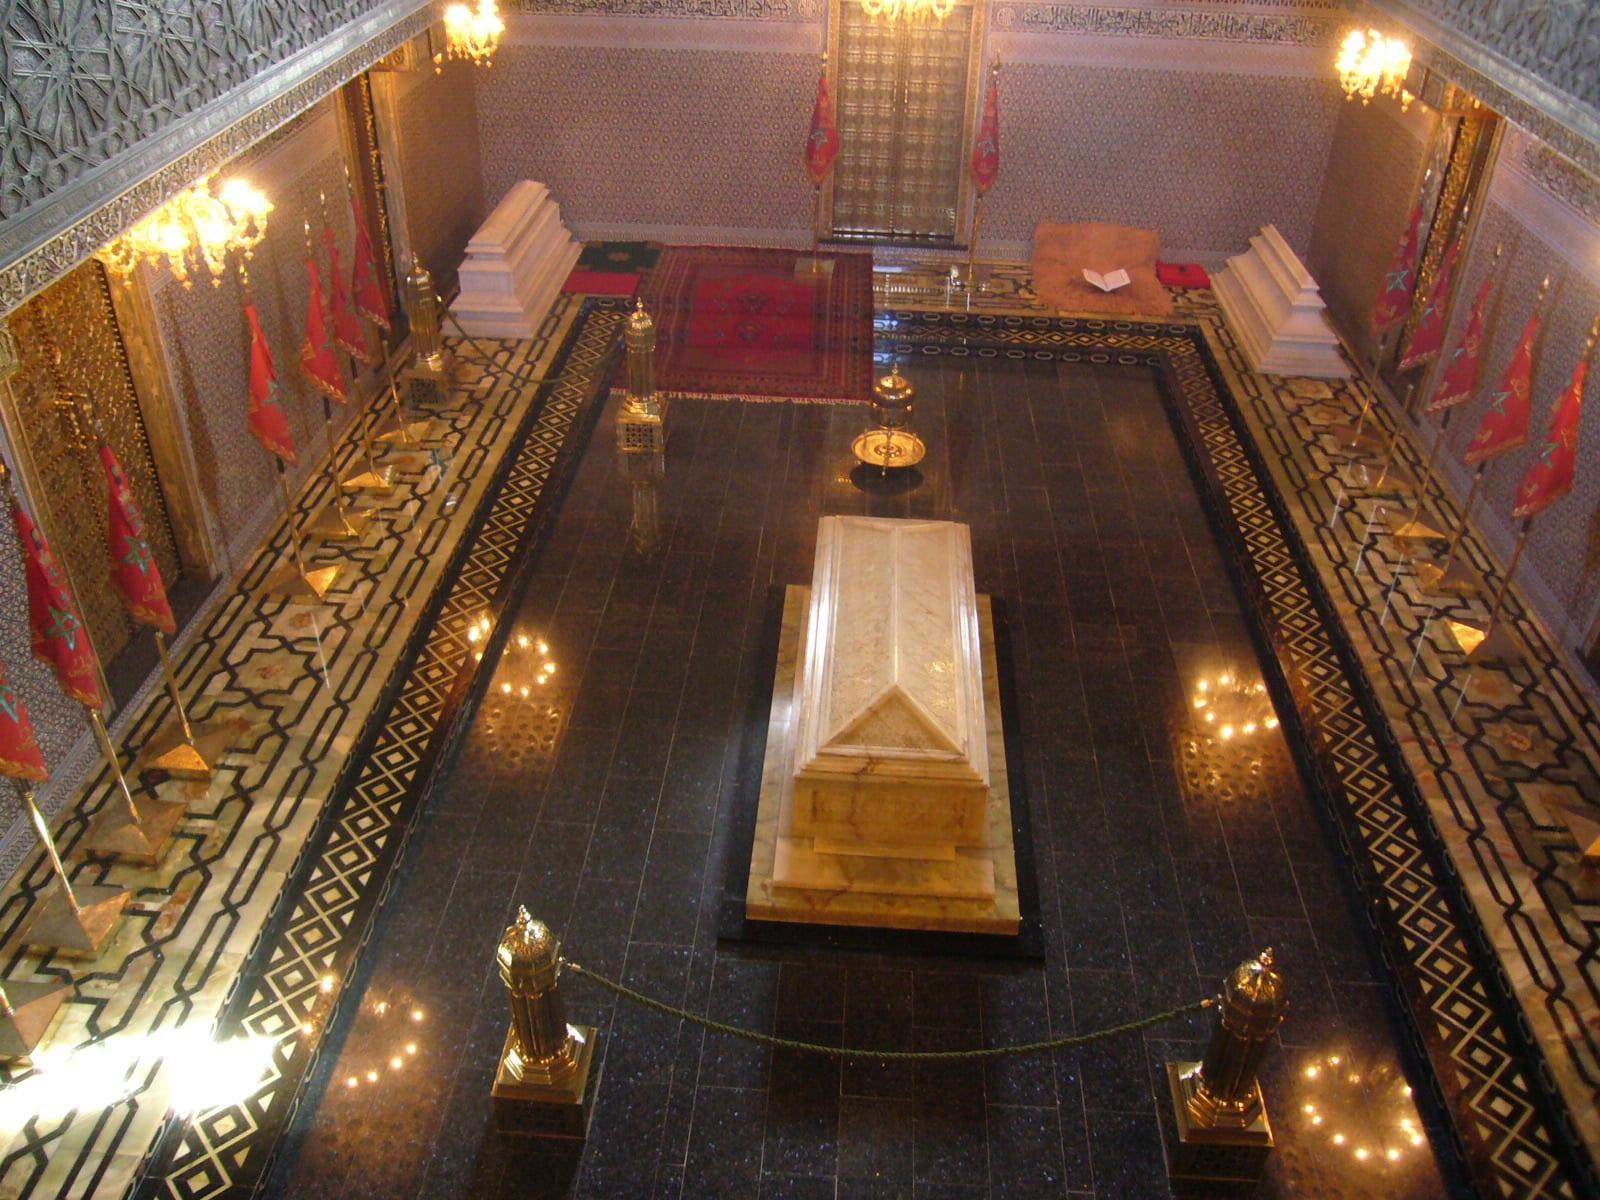 ムハンマド6世 (モロッコ王) - Mohammed VI of Morocco